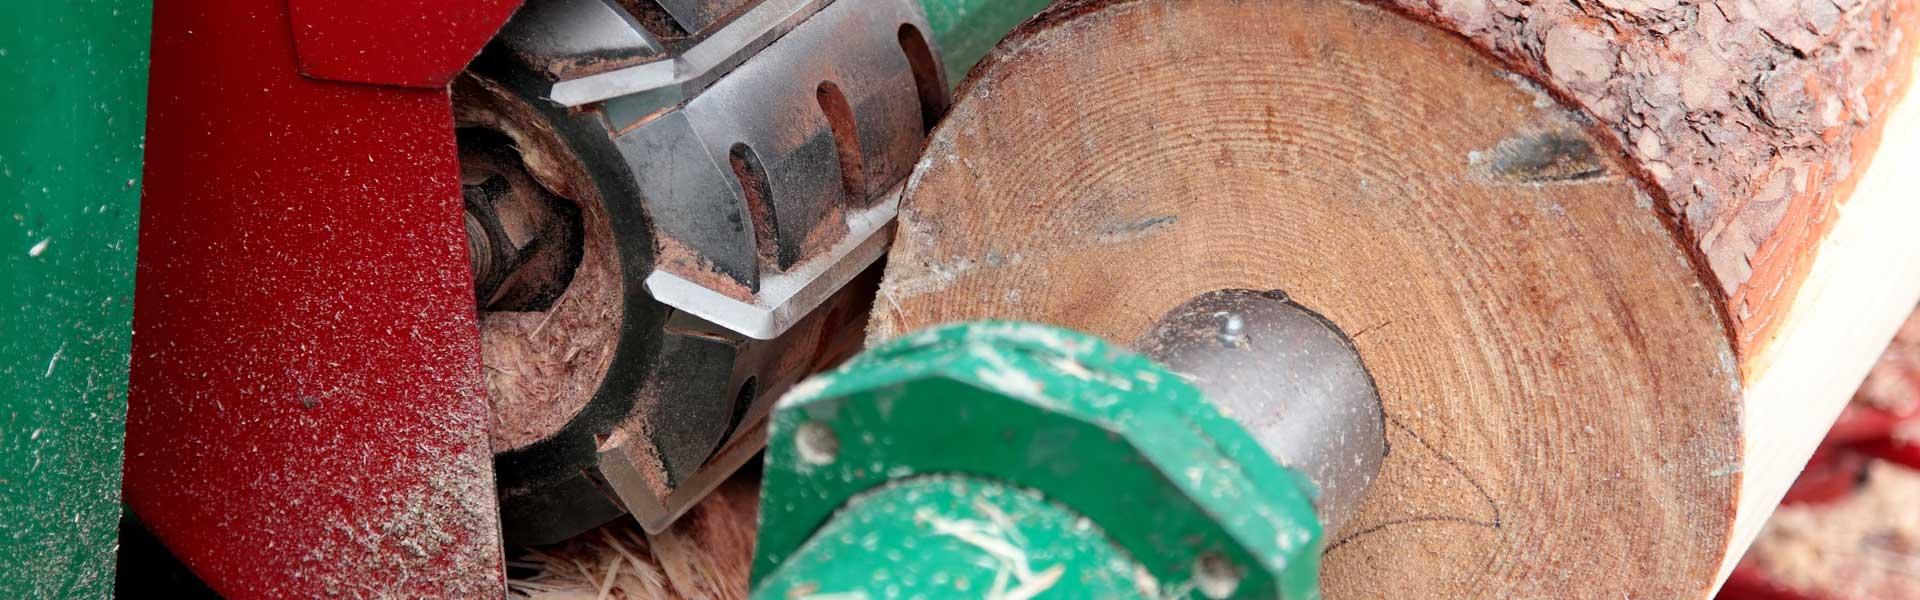 taiwan woodworking